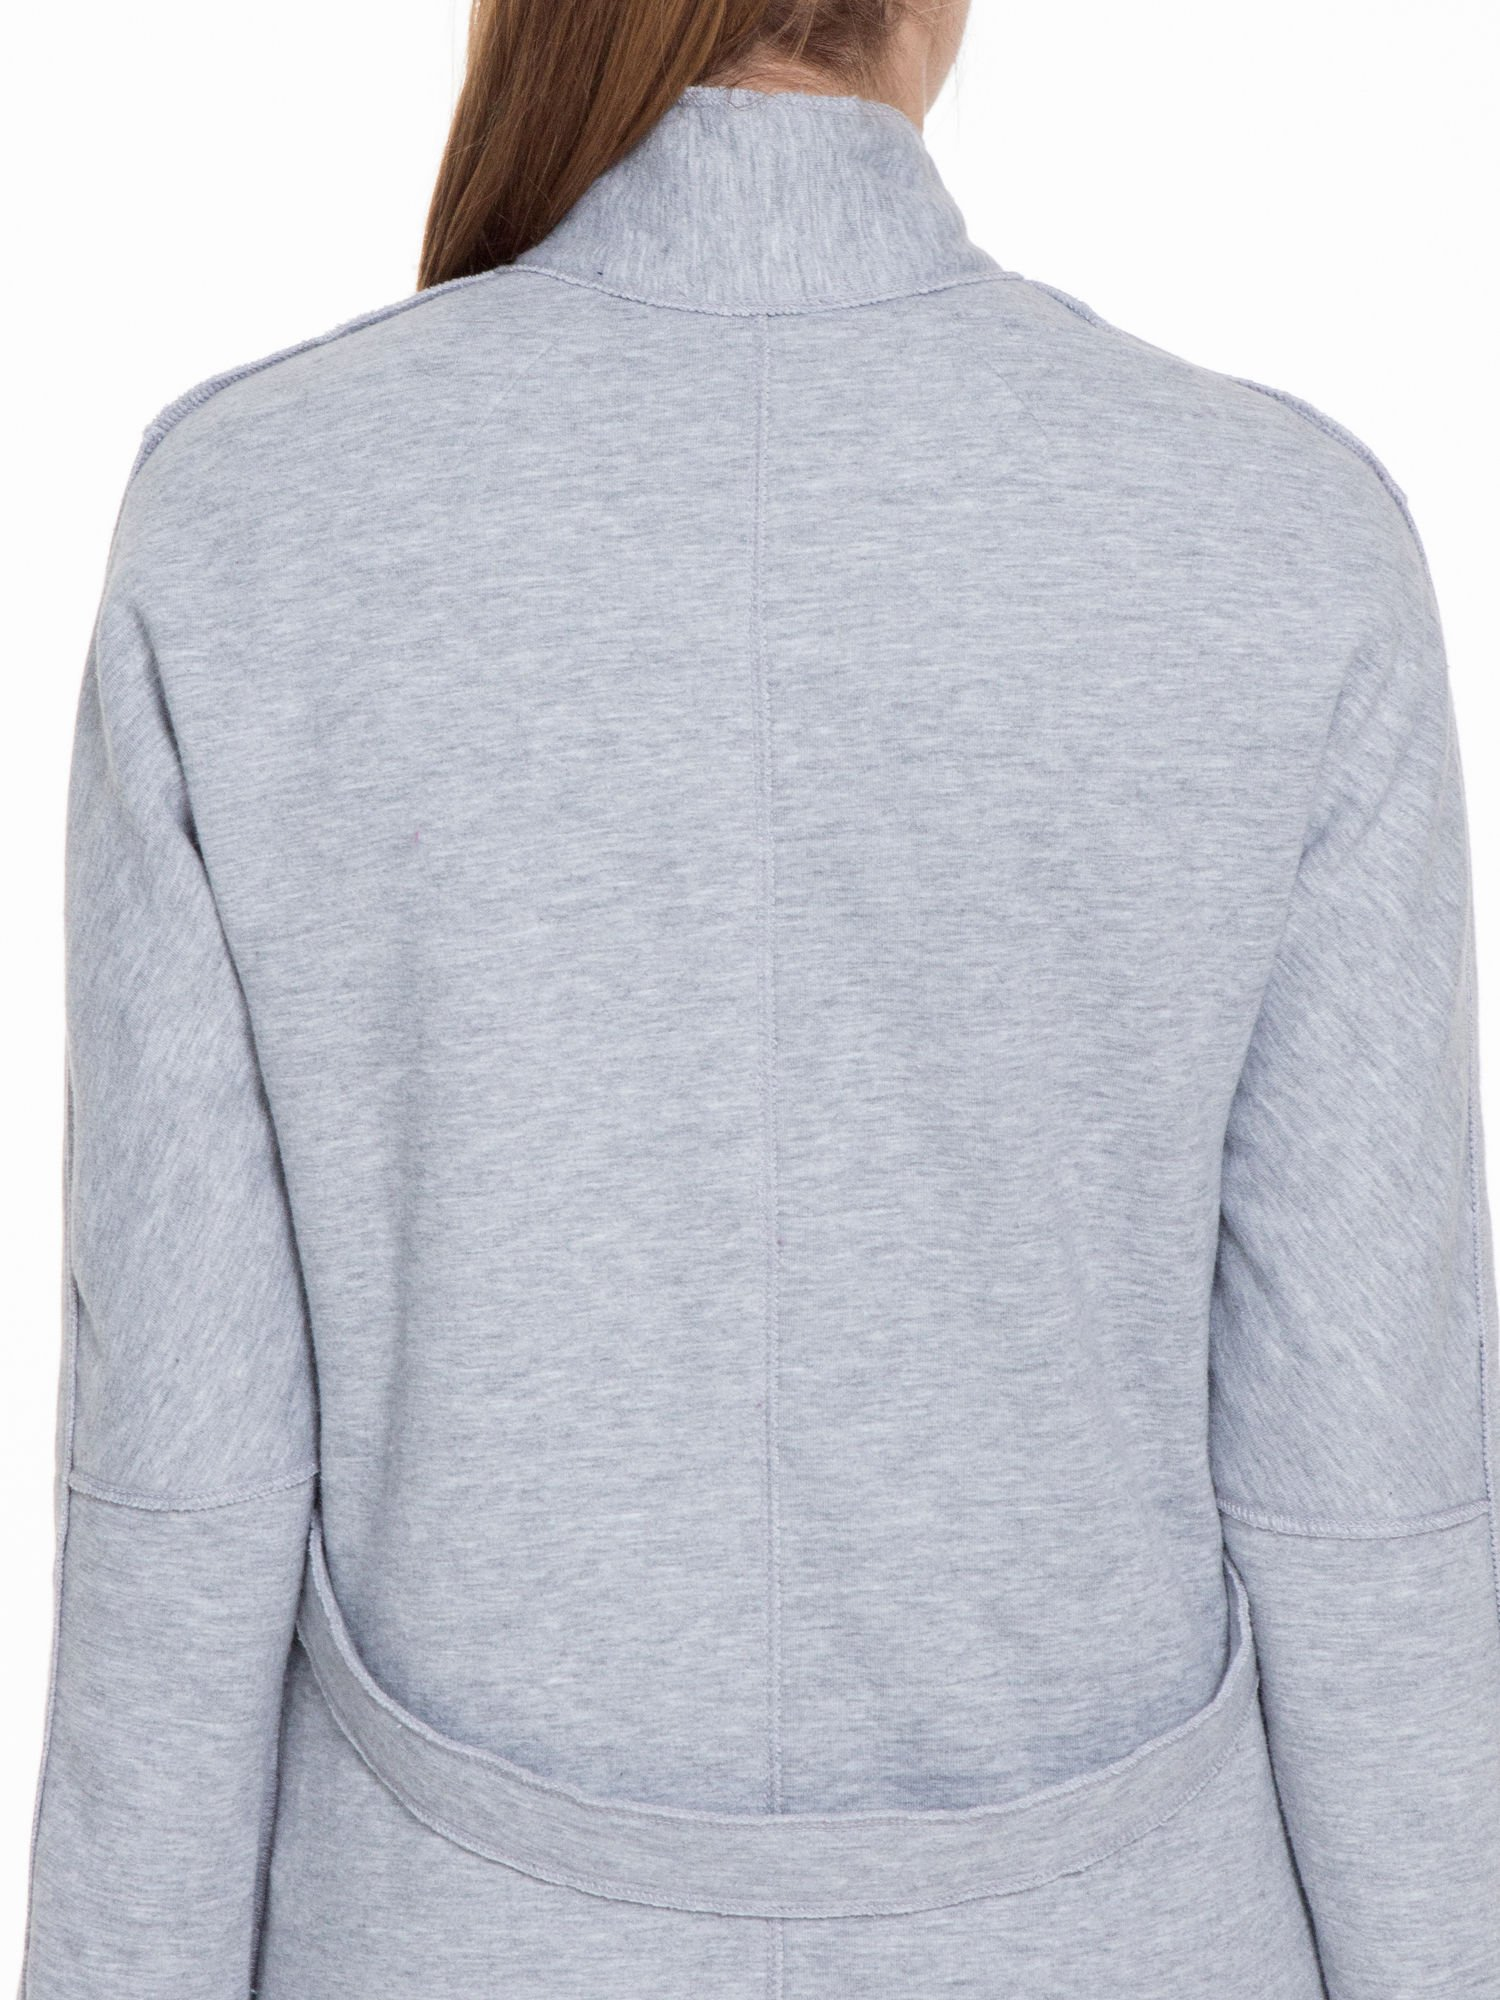 Szary dresowy płaszcz o kroju oversize                                  zdj.                                  8